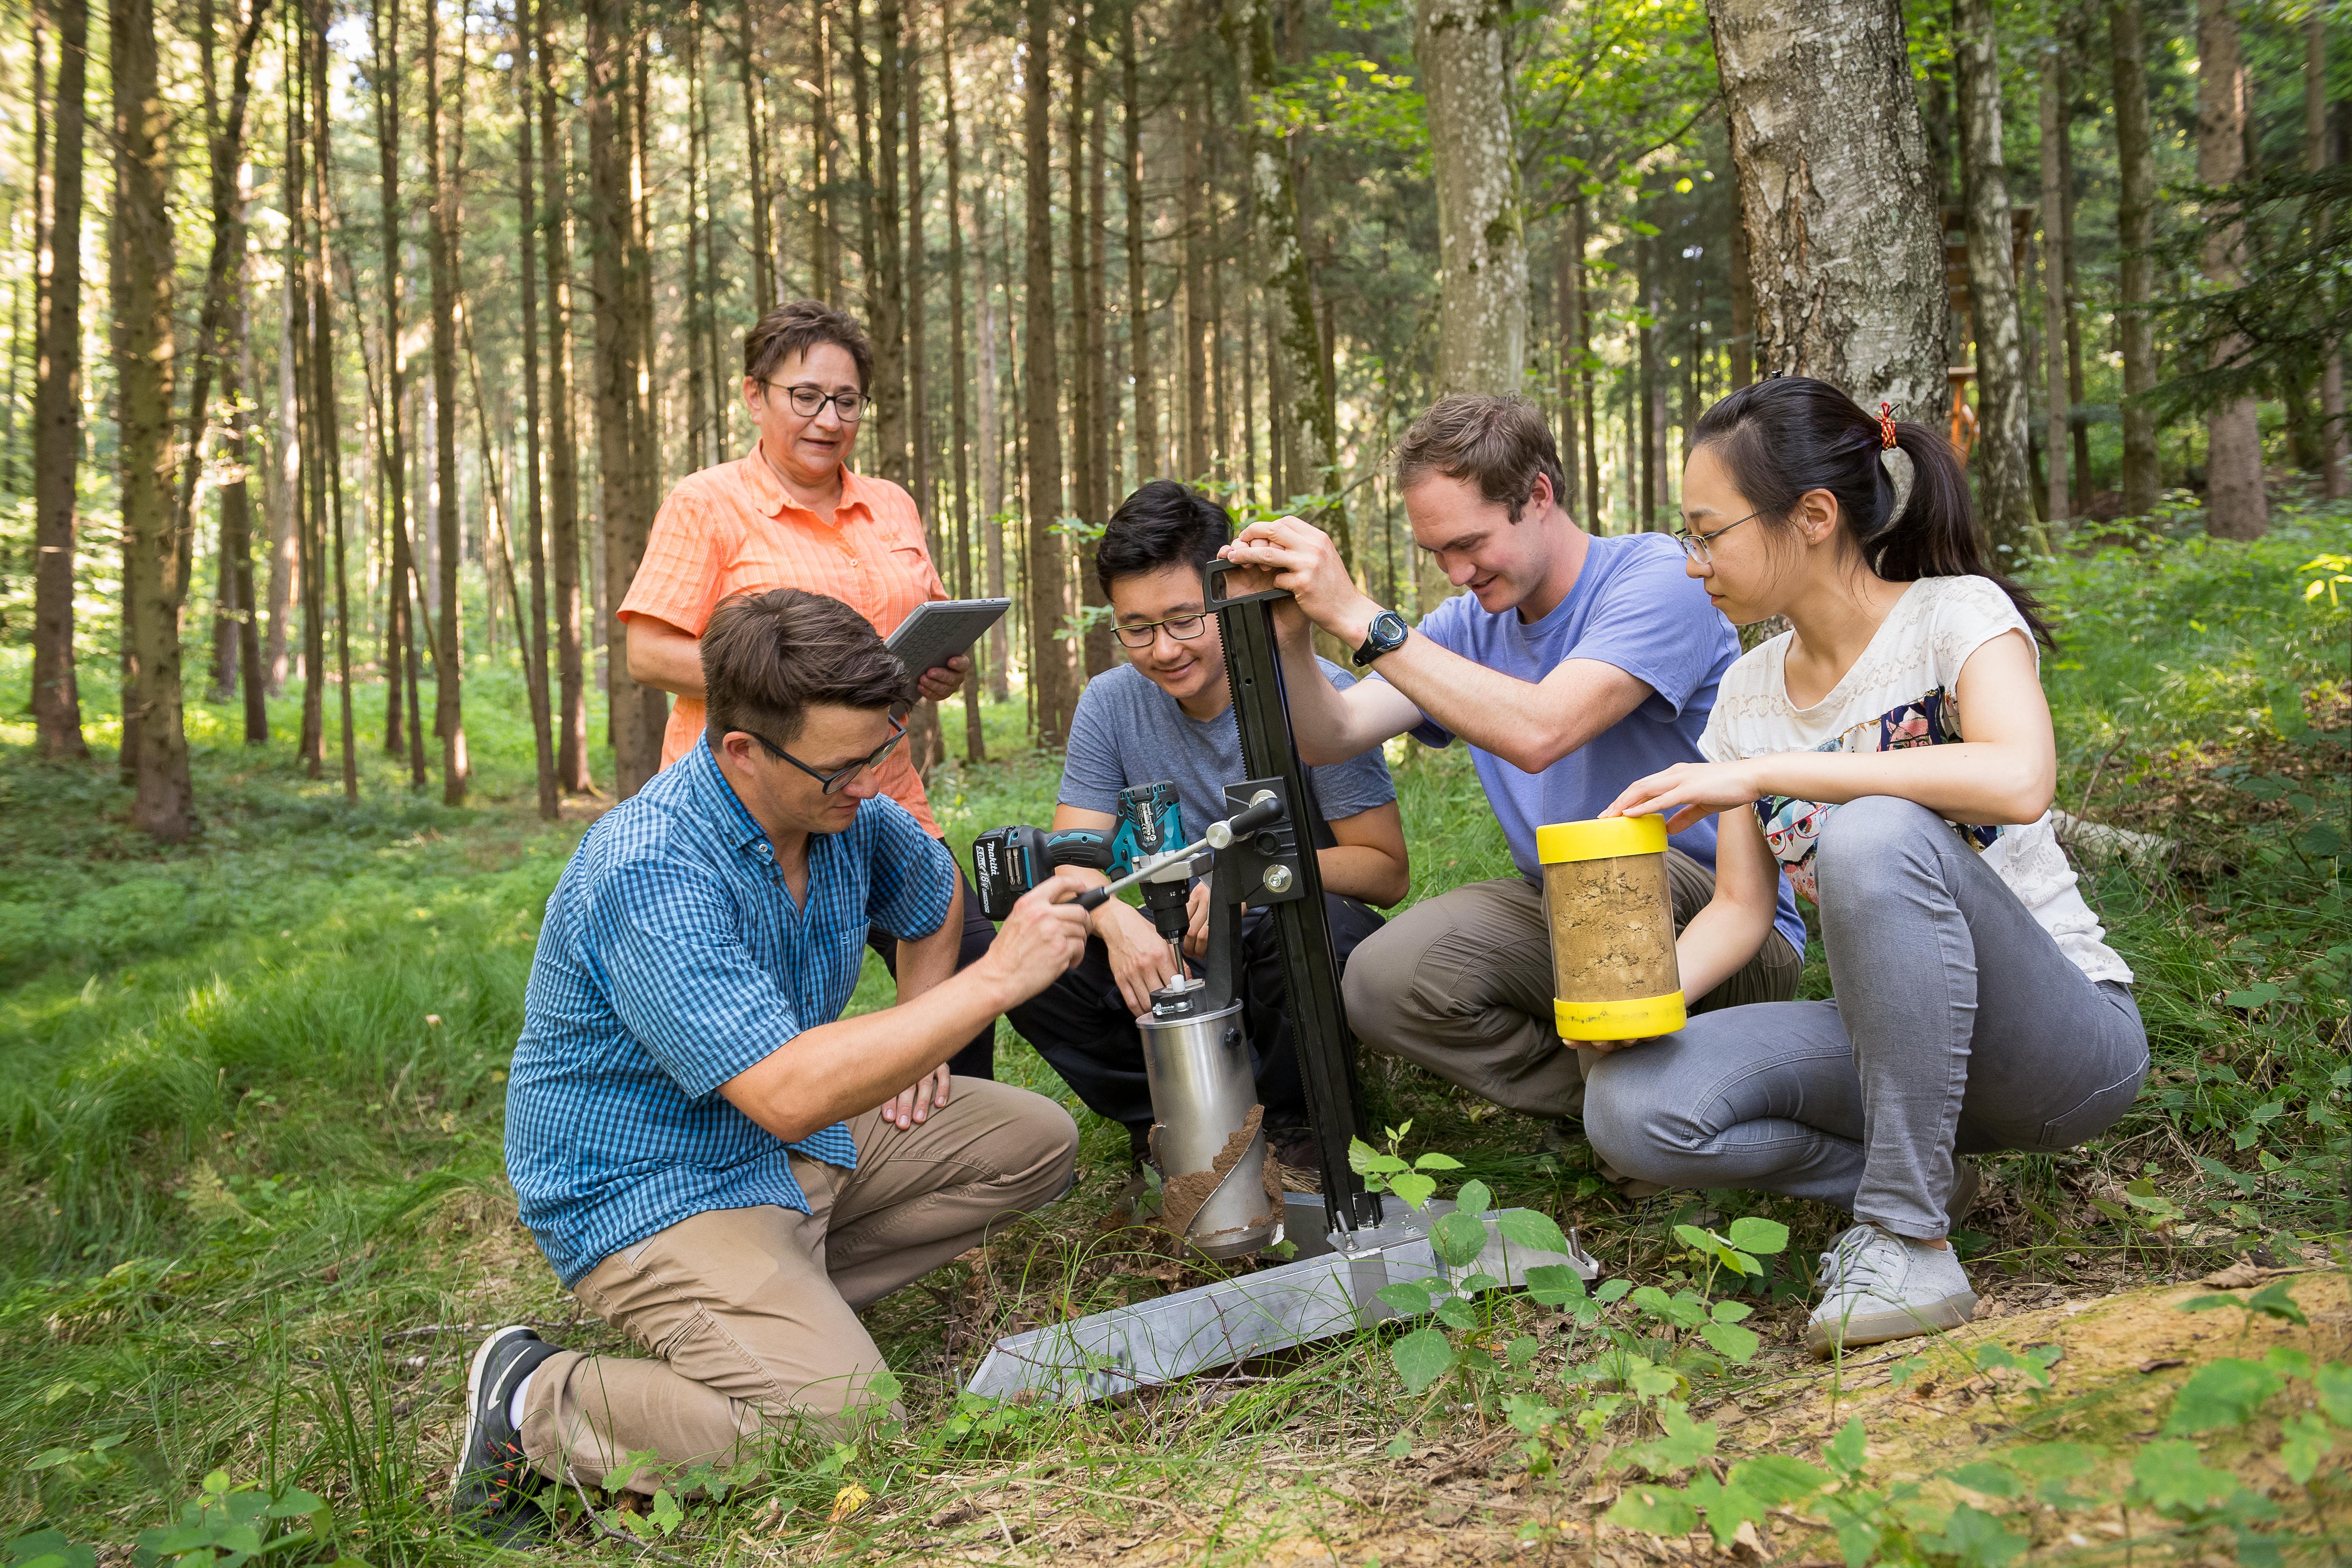 Ingrid Kögel-Knabner und ihre Mitarbeiterinnen und Mitarbeiter nehmen Bodenproben im Wald.